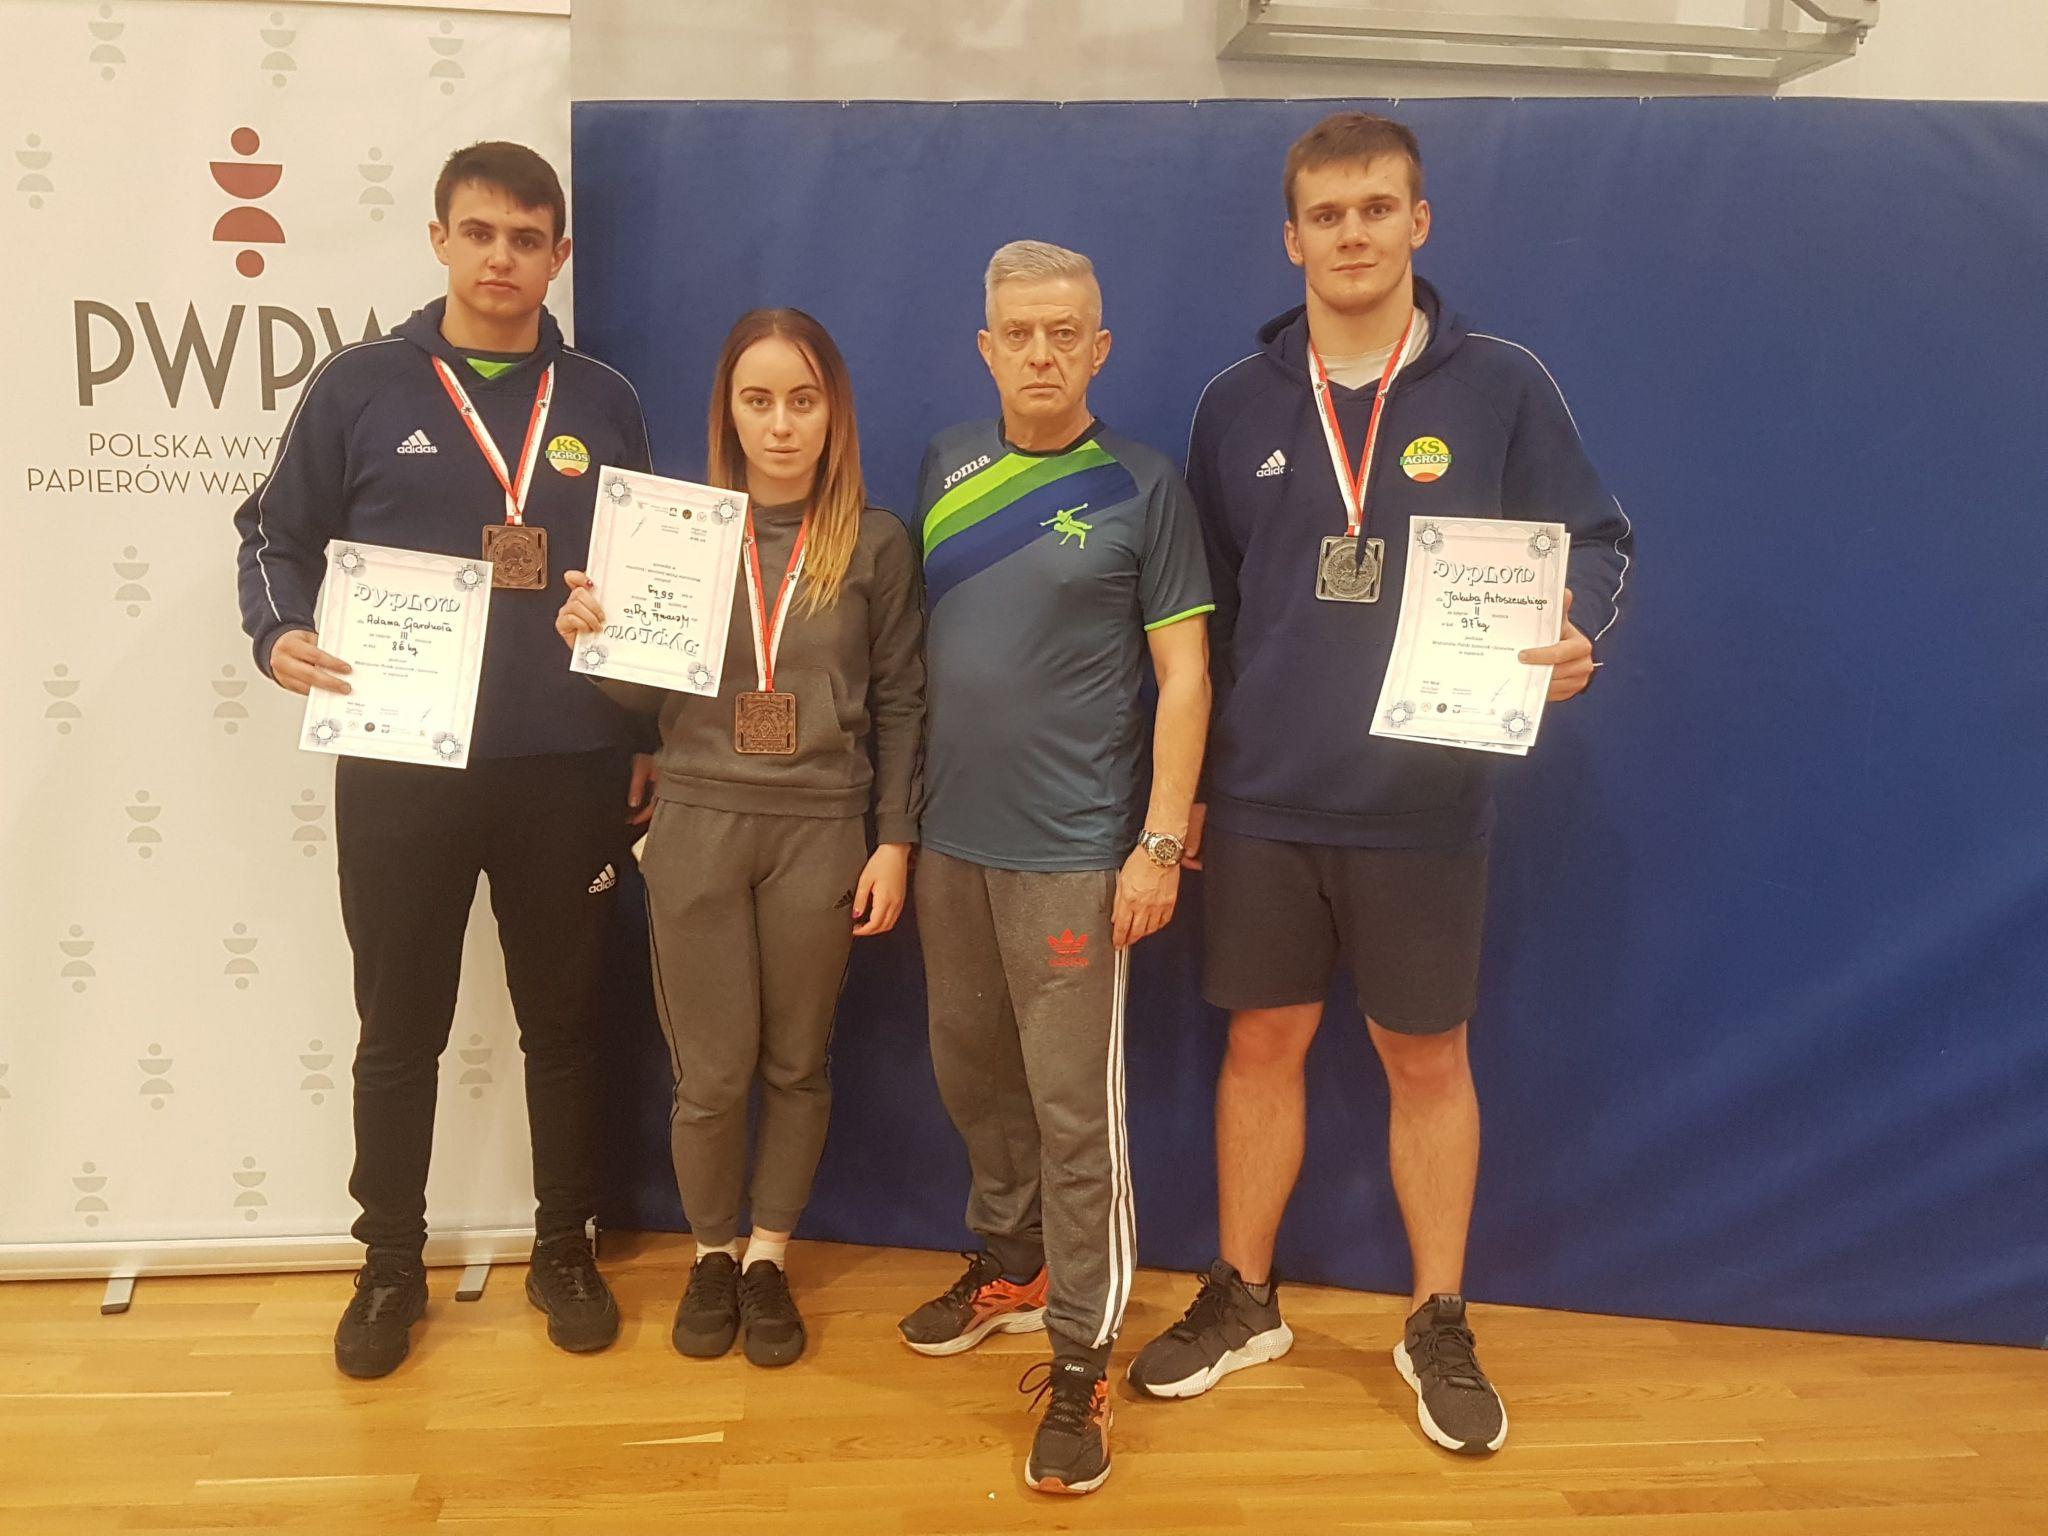 57284356 275871093358781 4914580615518486528 n Zawodnicy Agrosu z Międzyzdrojów wrócili z medalami!